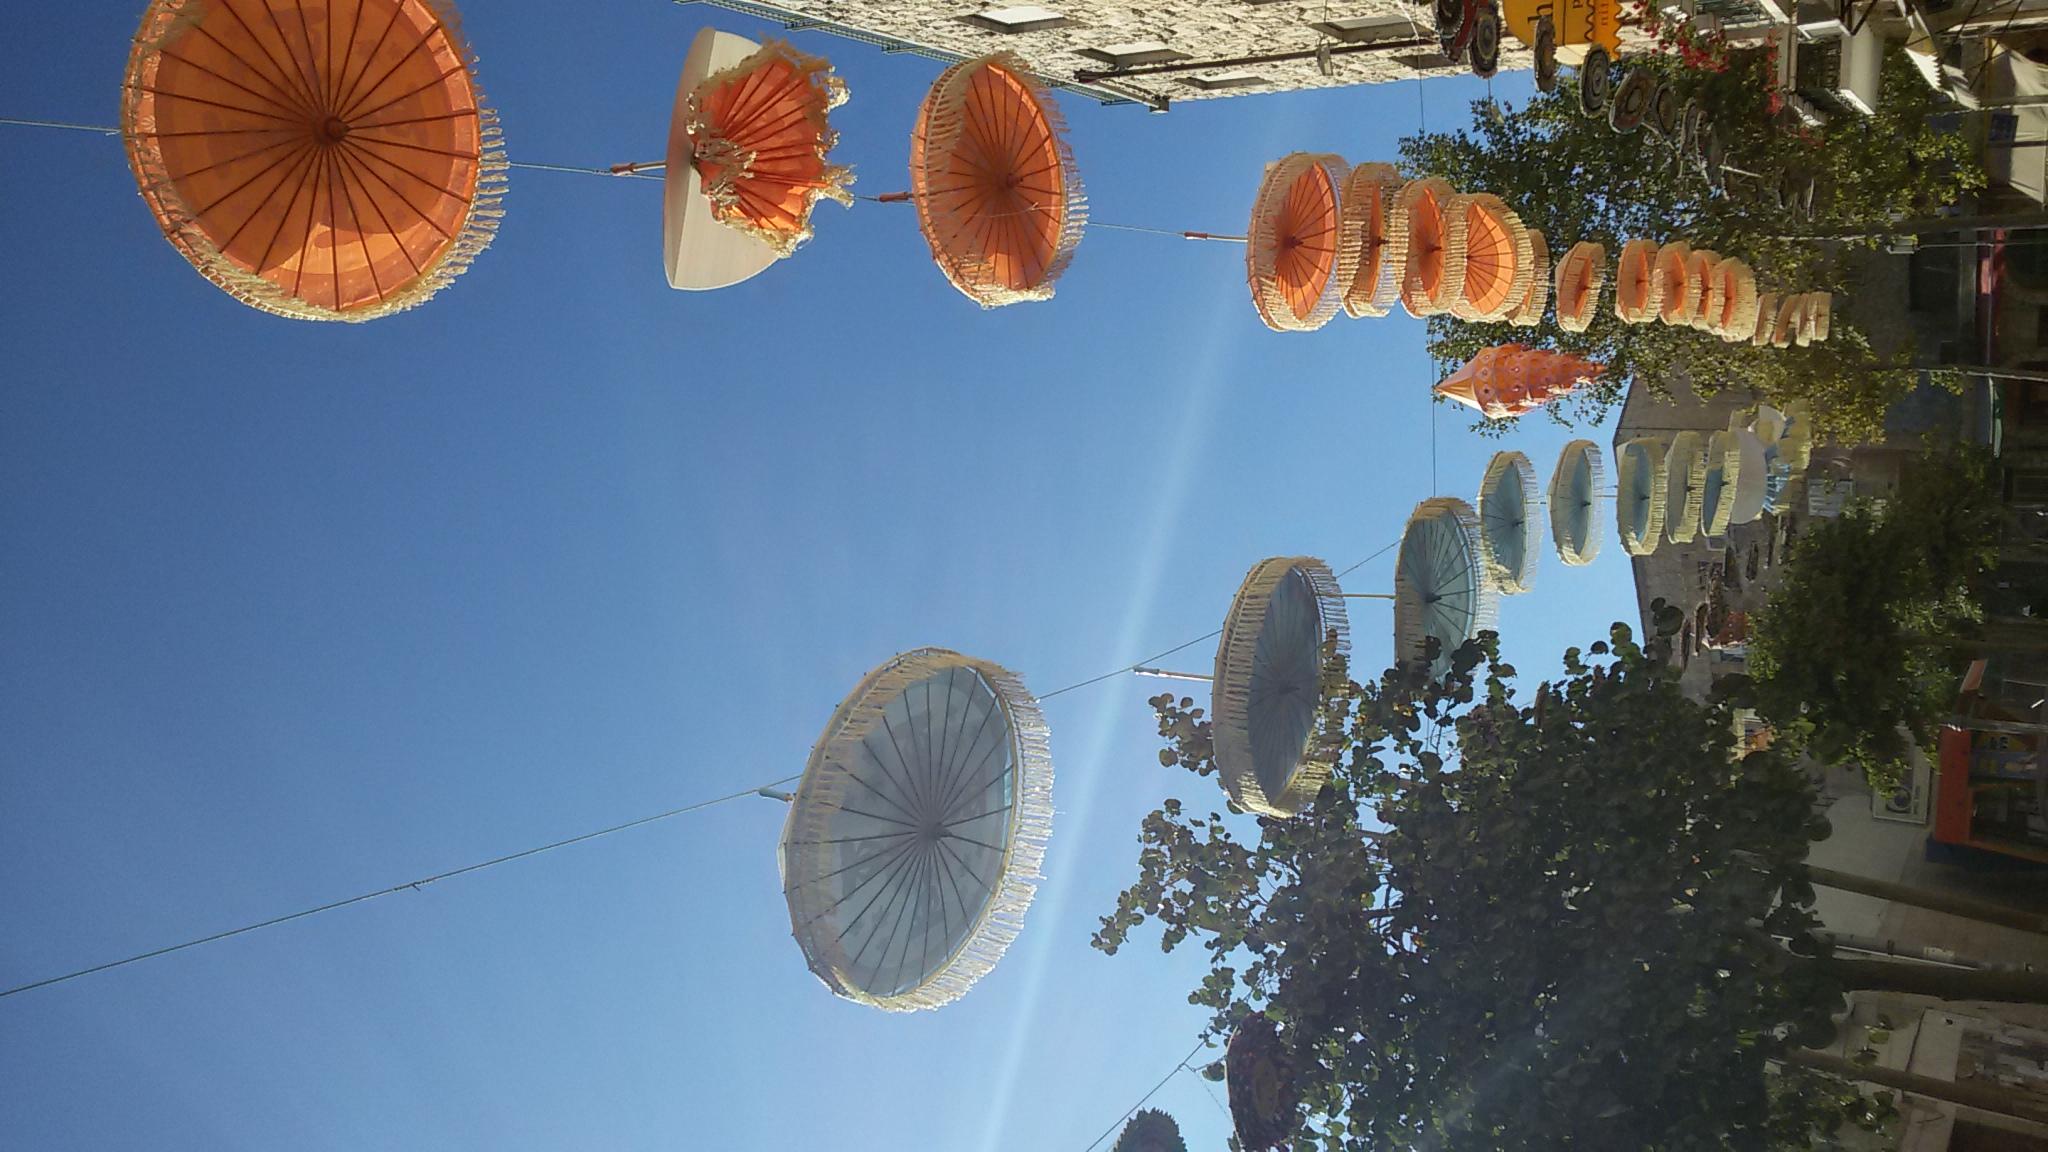 벤 예후다 골목 골목을 장식한 각 나라를 상징하는 장식물 들 중국